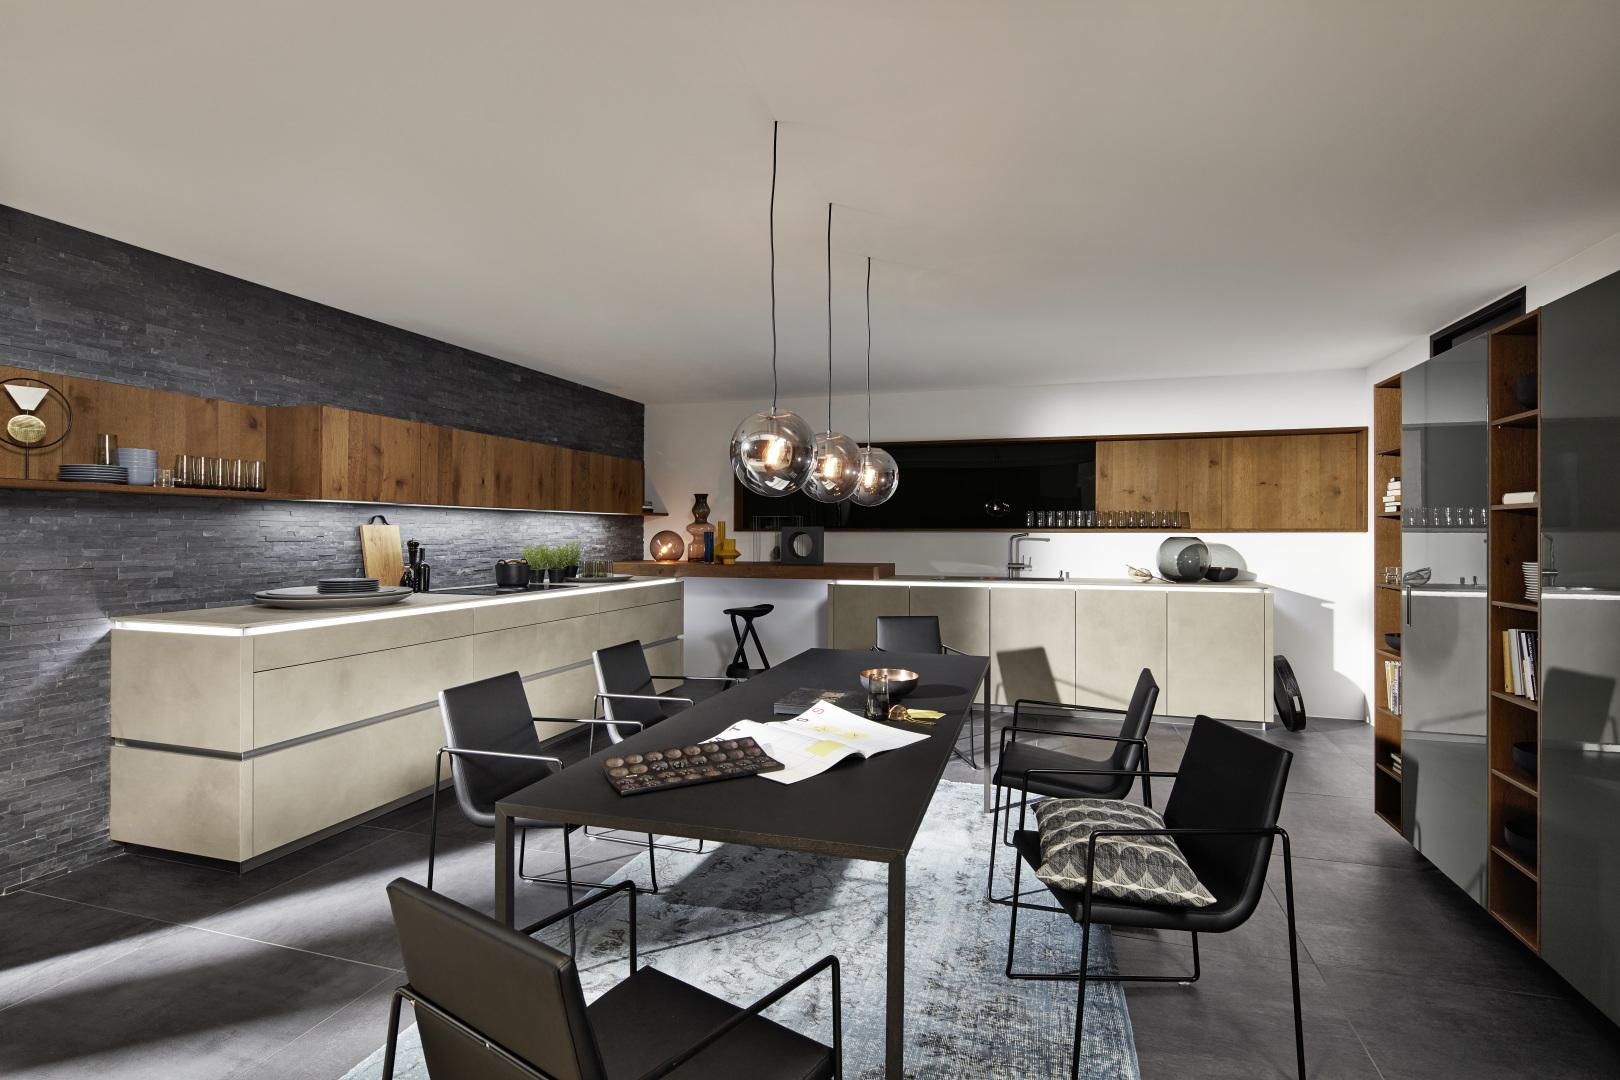 Cementowa kuchnia połączona z salonem